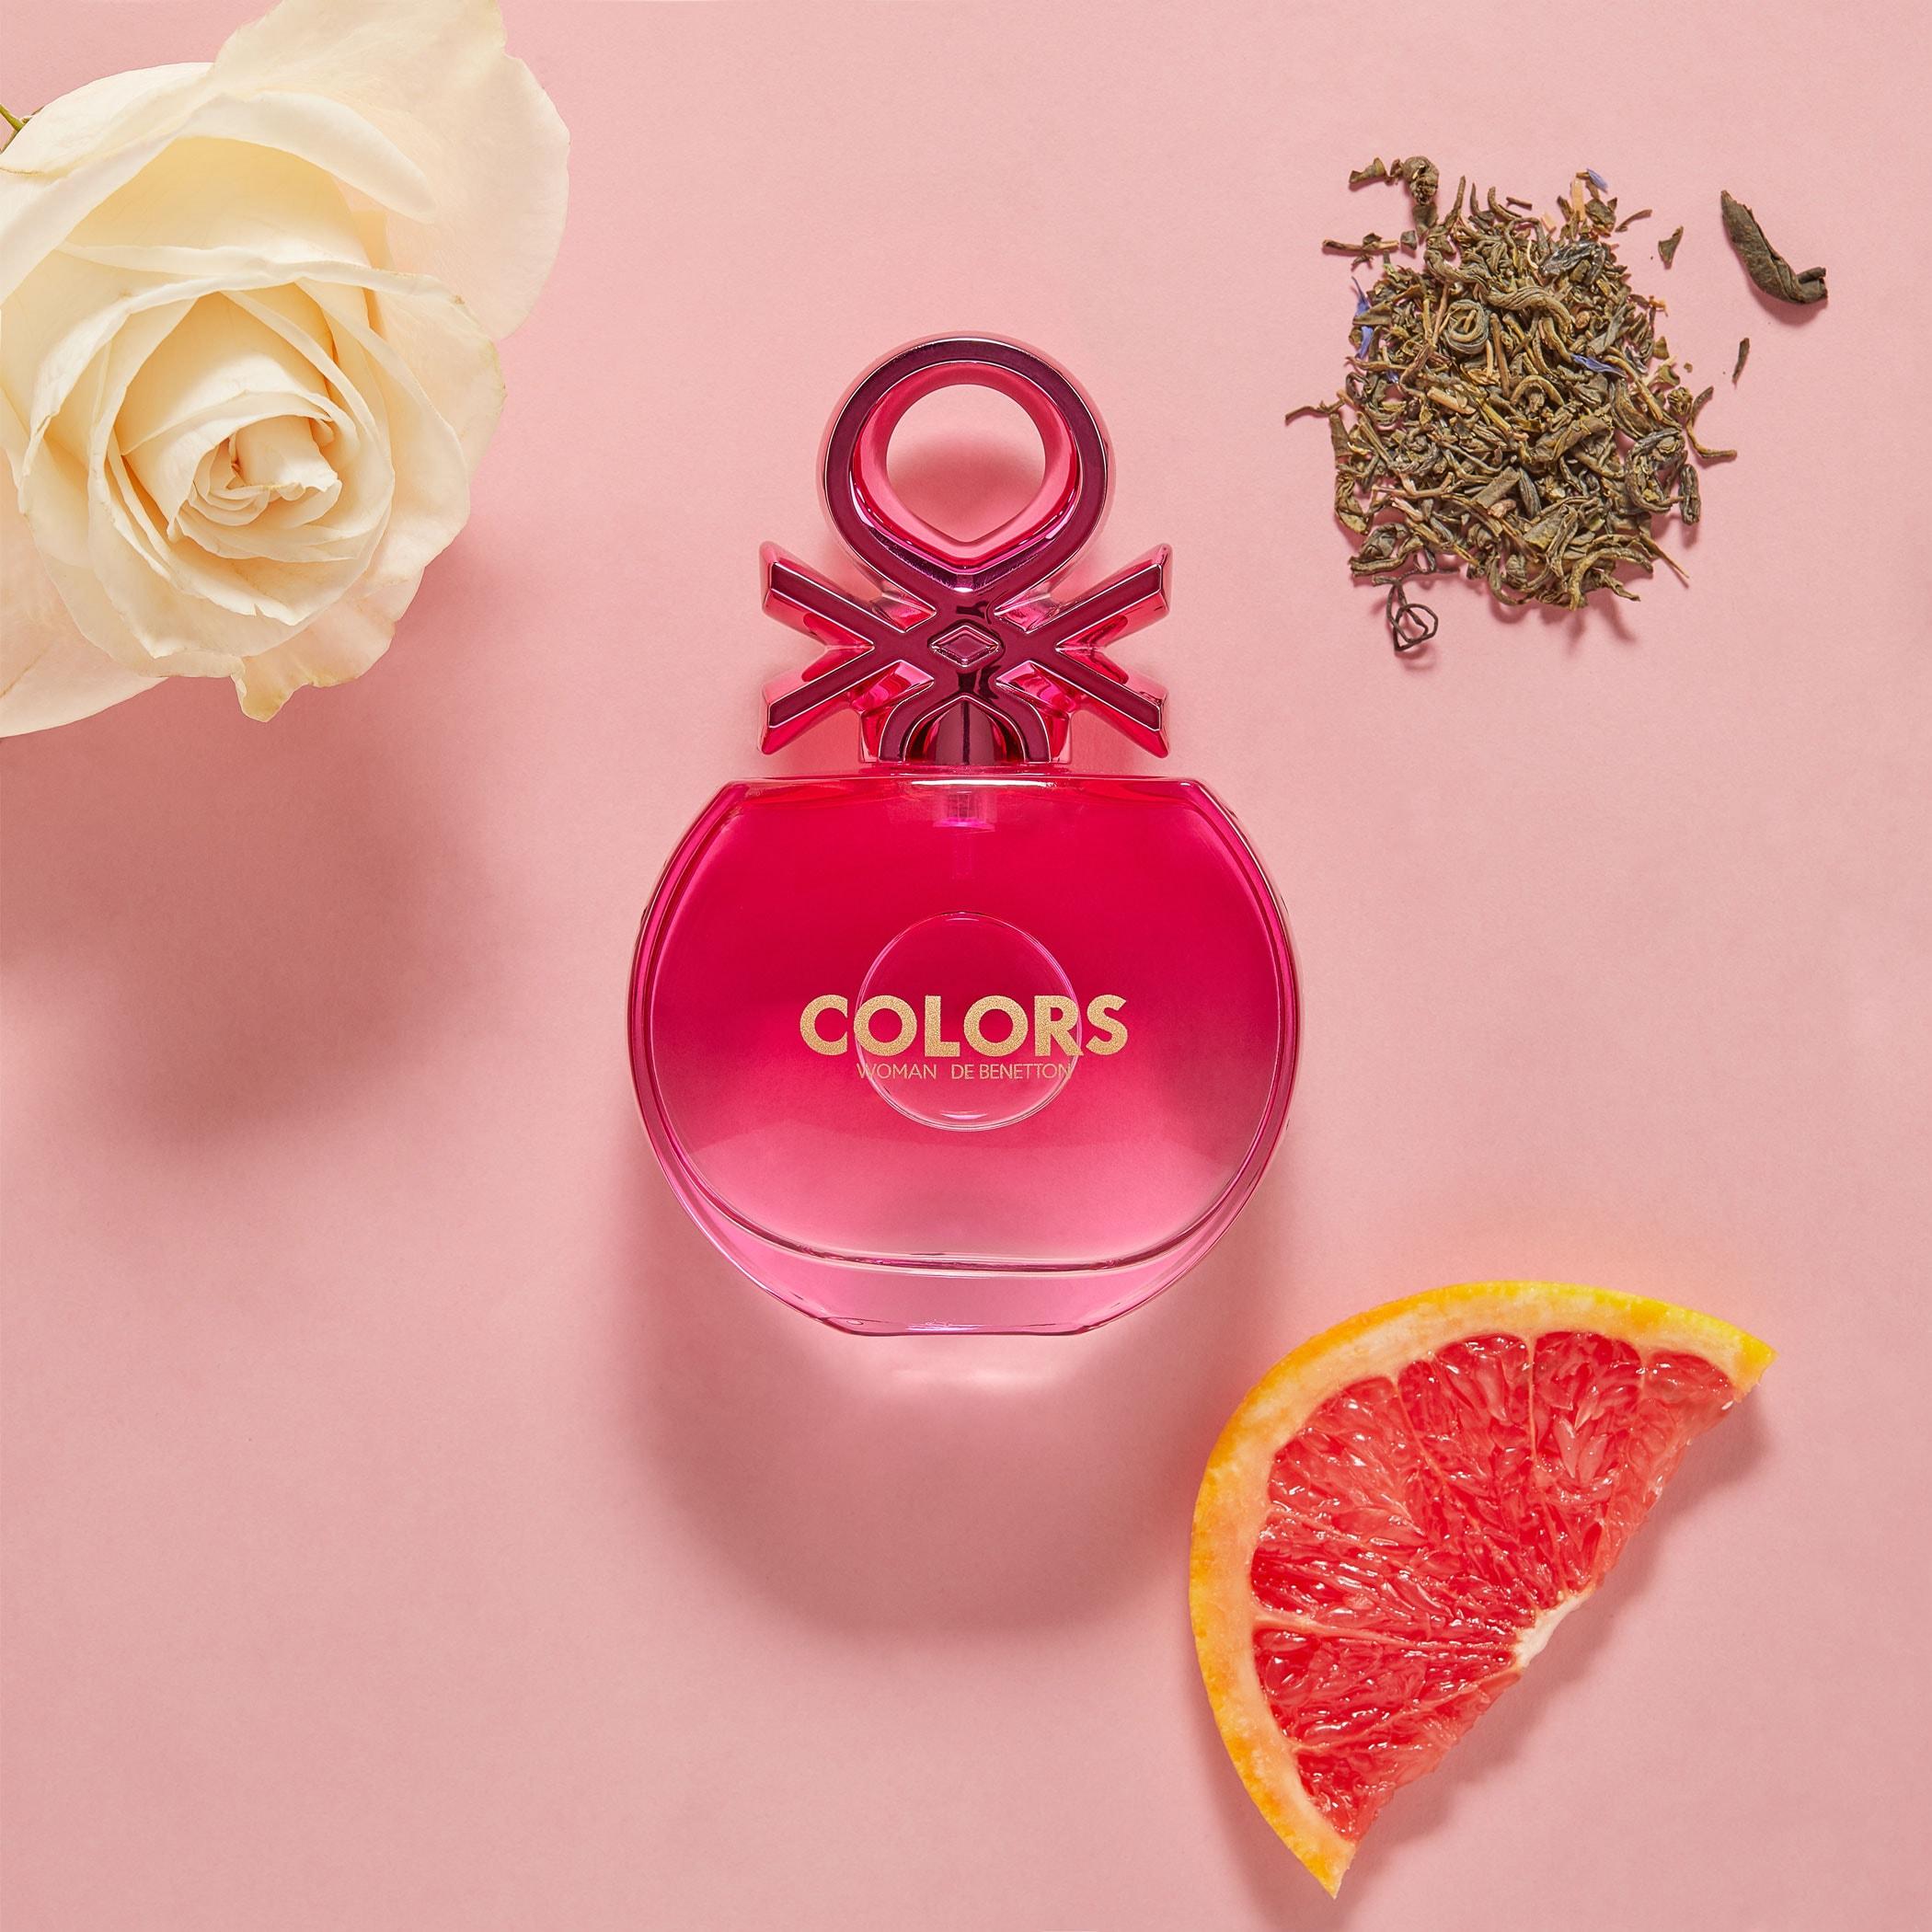 Colors de Benetton - Pink 6